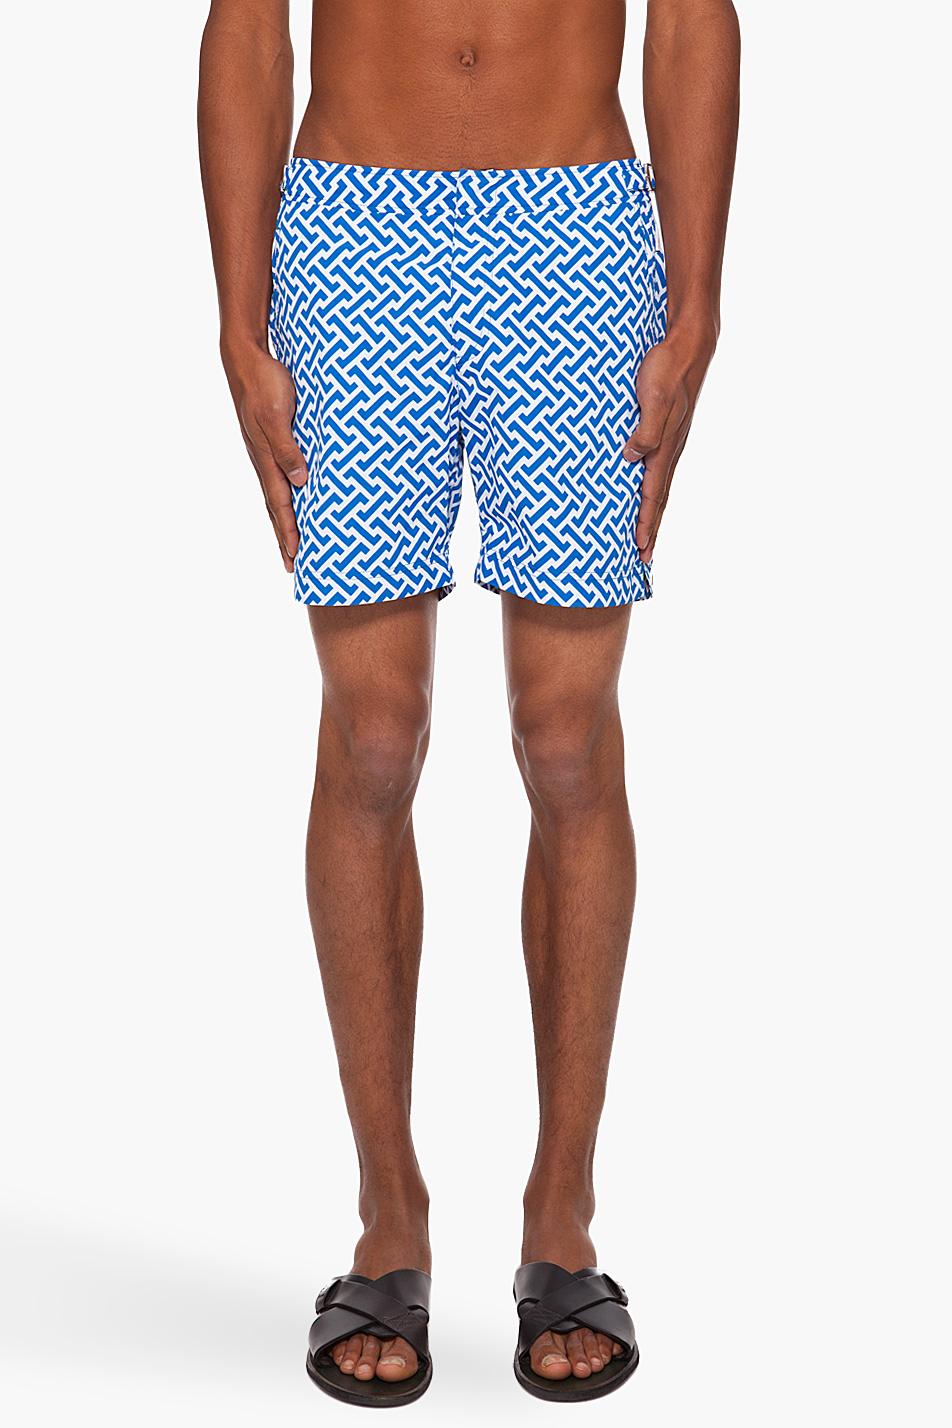 Мужские пляжные шорты с мелким рисунком, Orlebar Brown